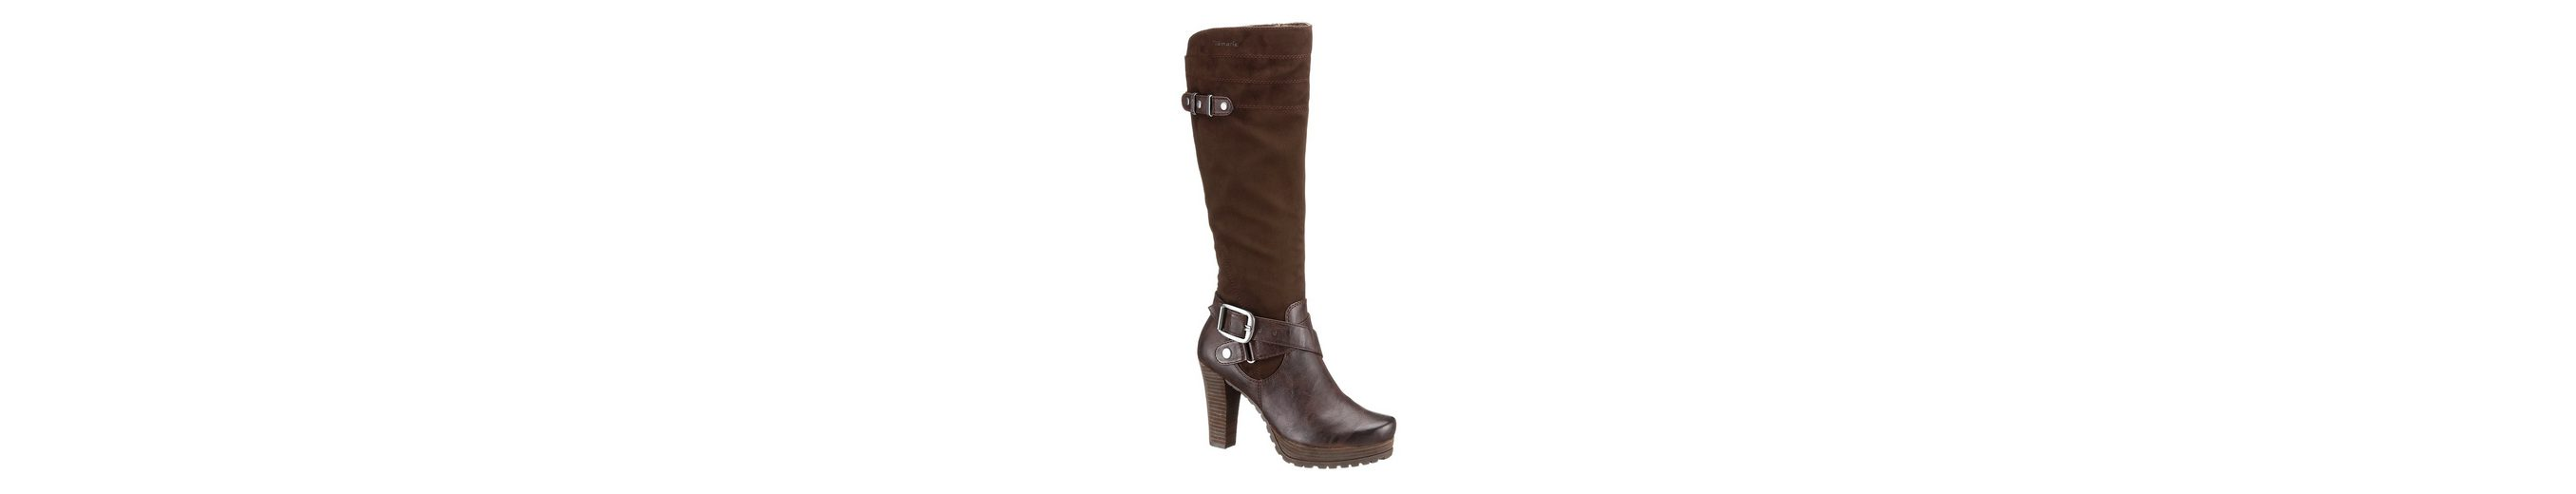 High Heel Stiefel, Tamaris